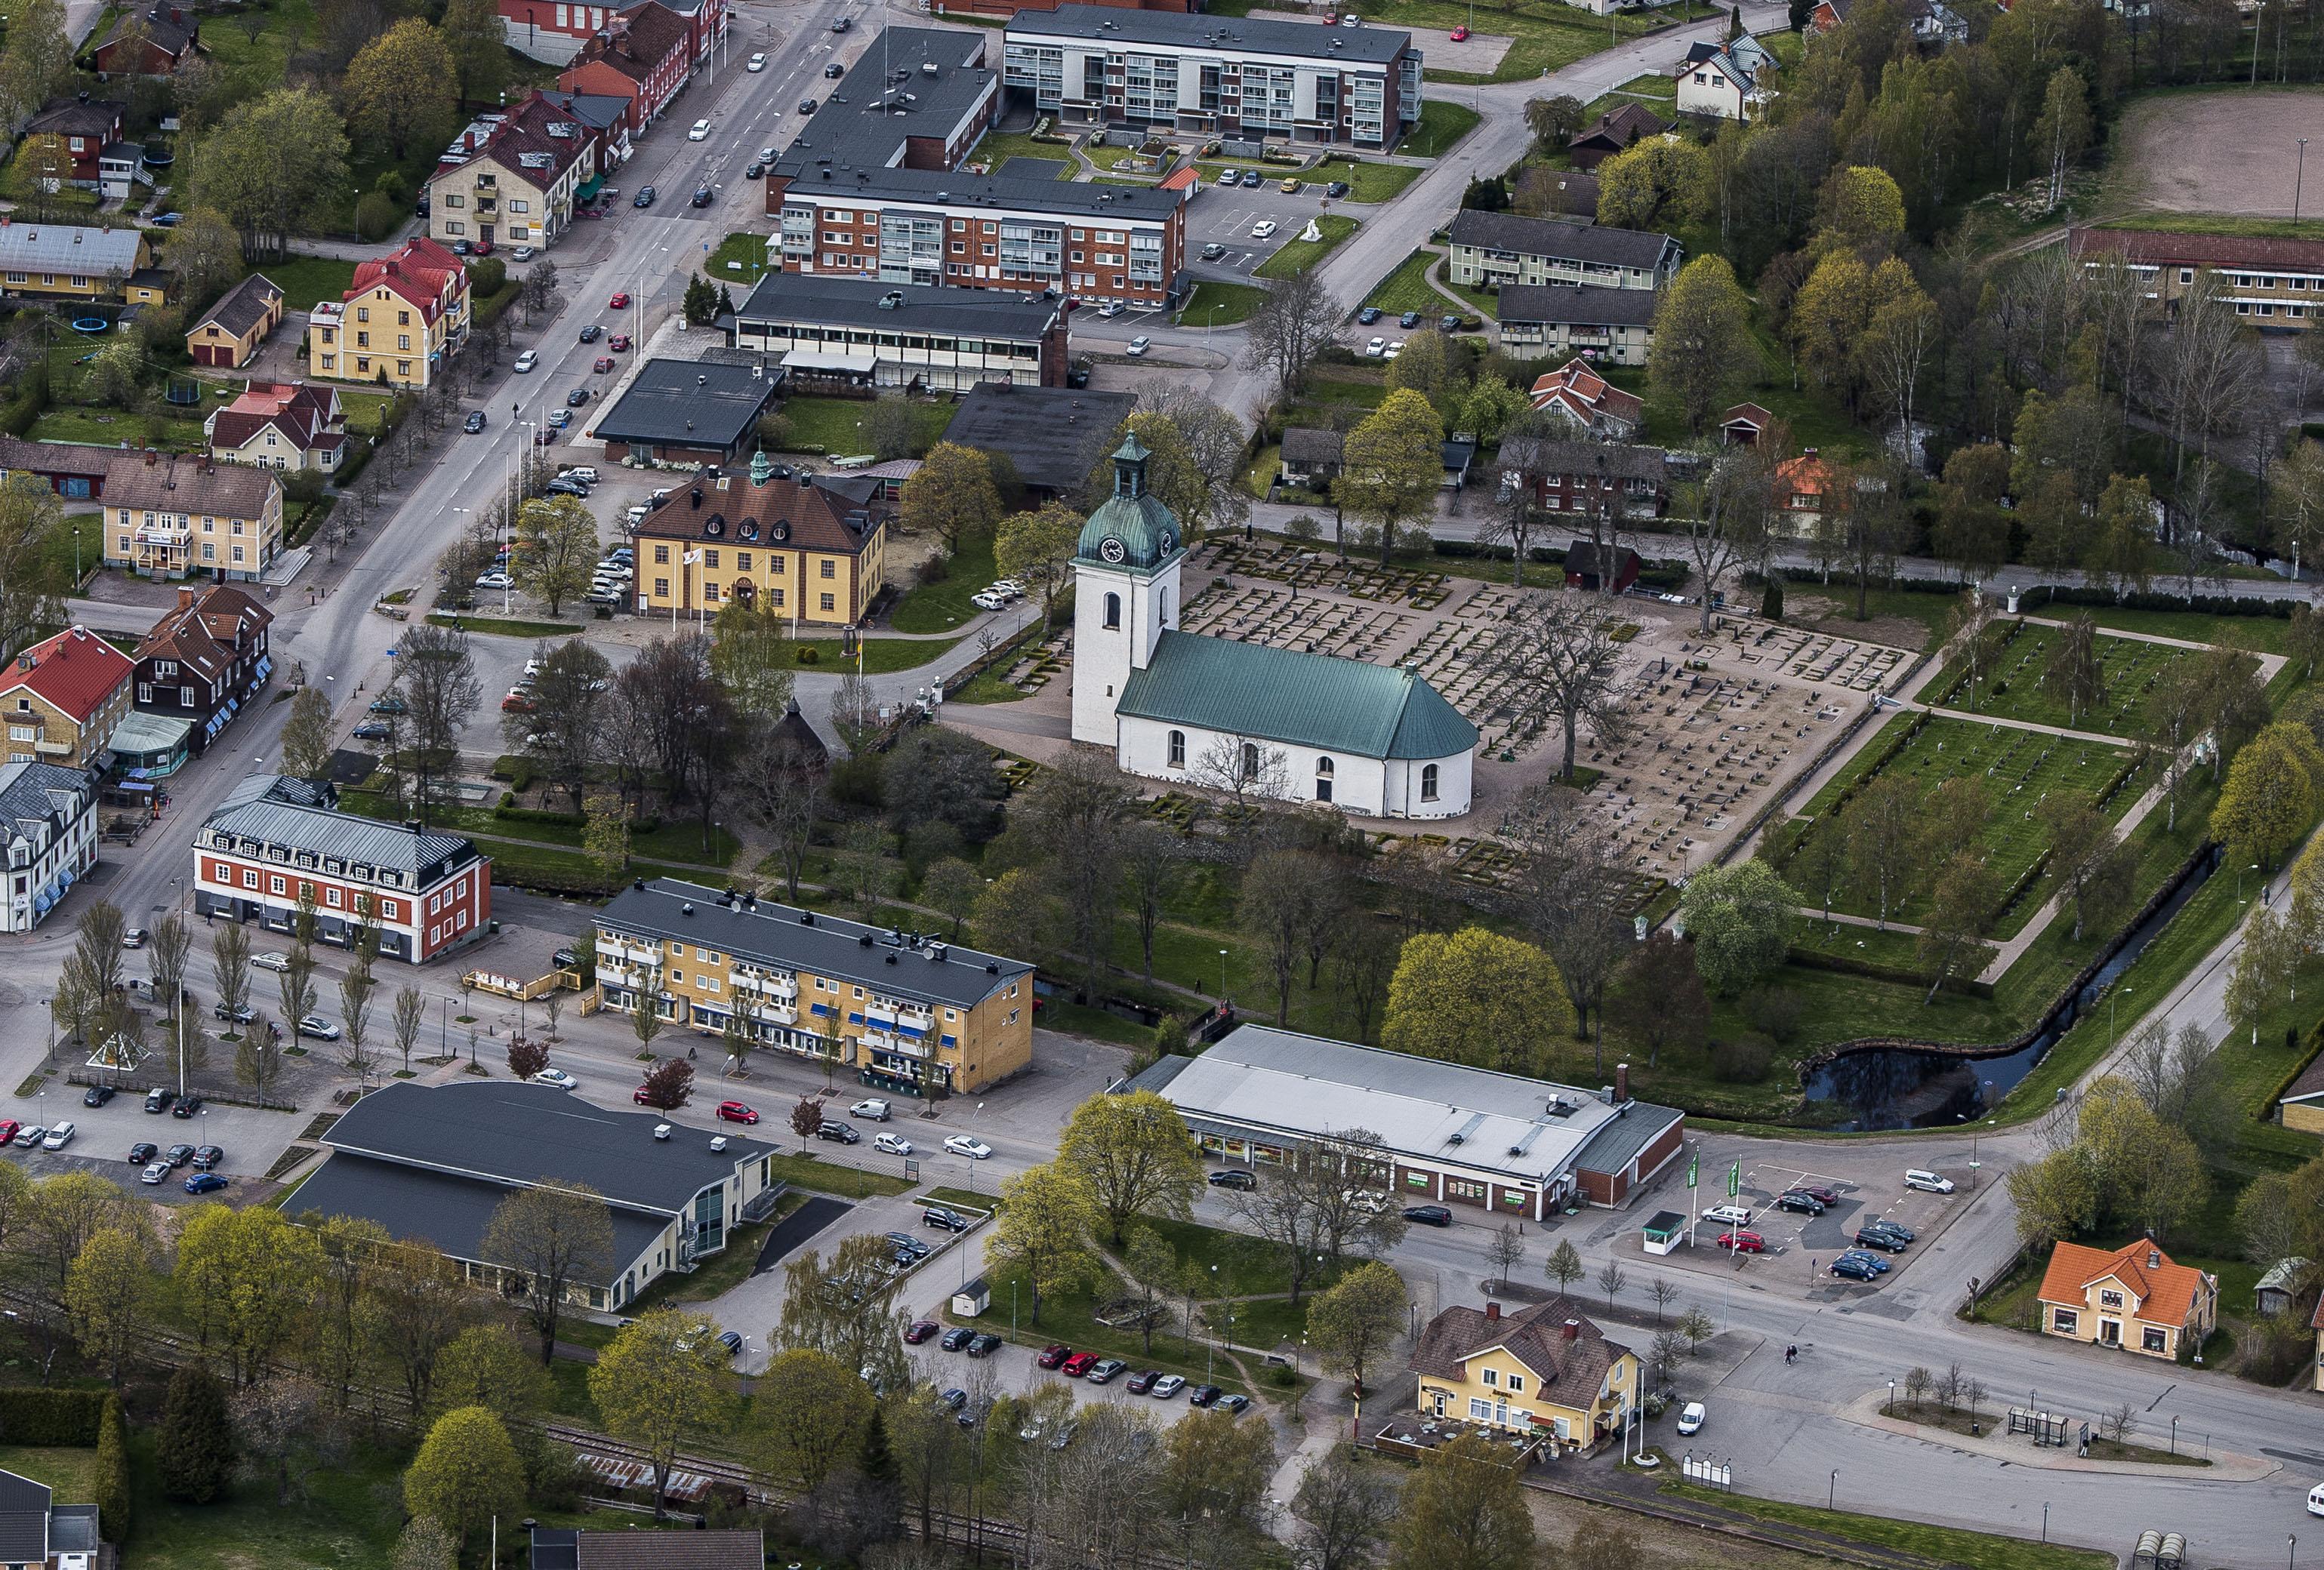 Pettersson - Public Member Photos & Scanned Documents